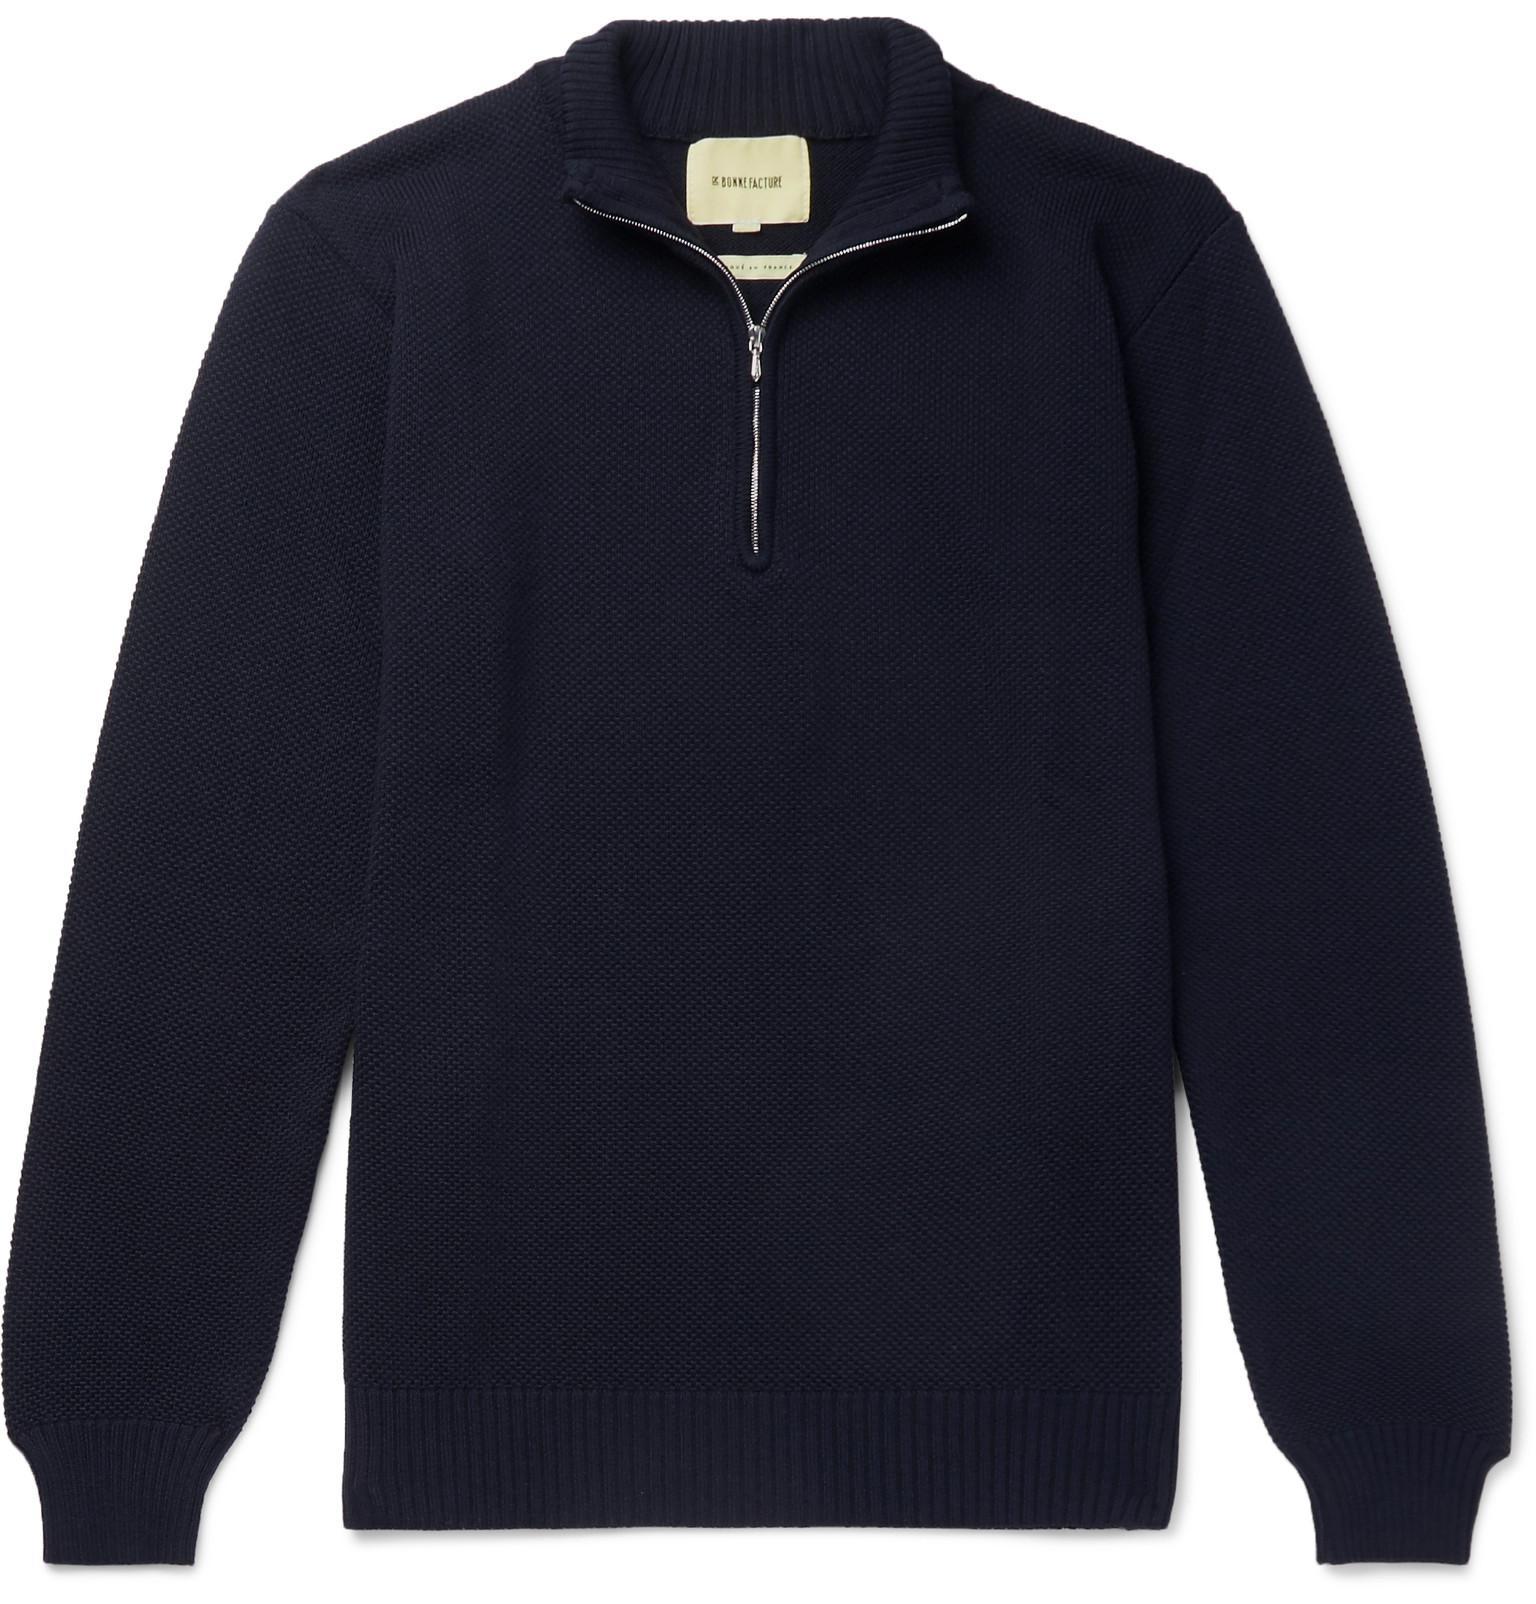 ca6365c55 de-bonne-facture-navy-Wool-pique-Half-zip-Sweater.jpeg